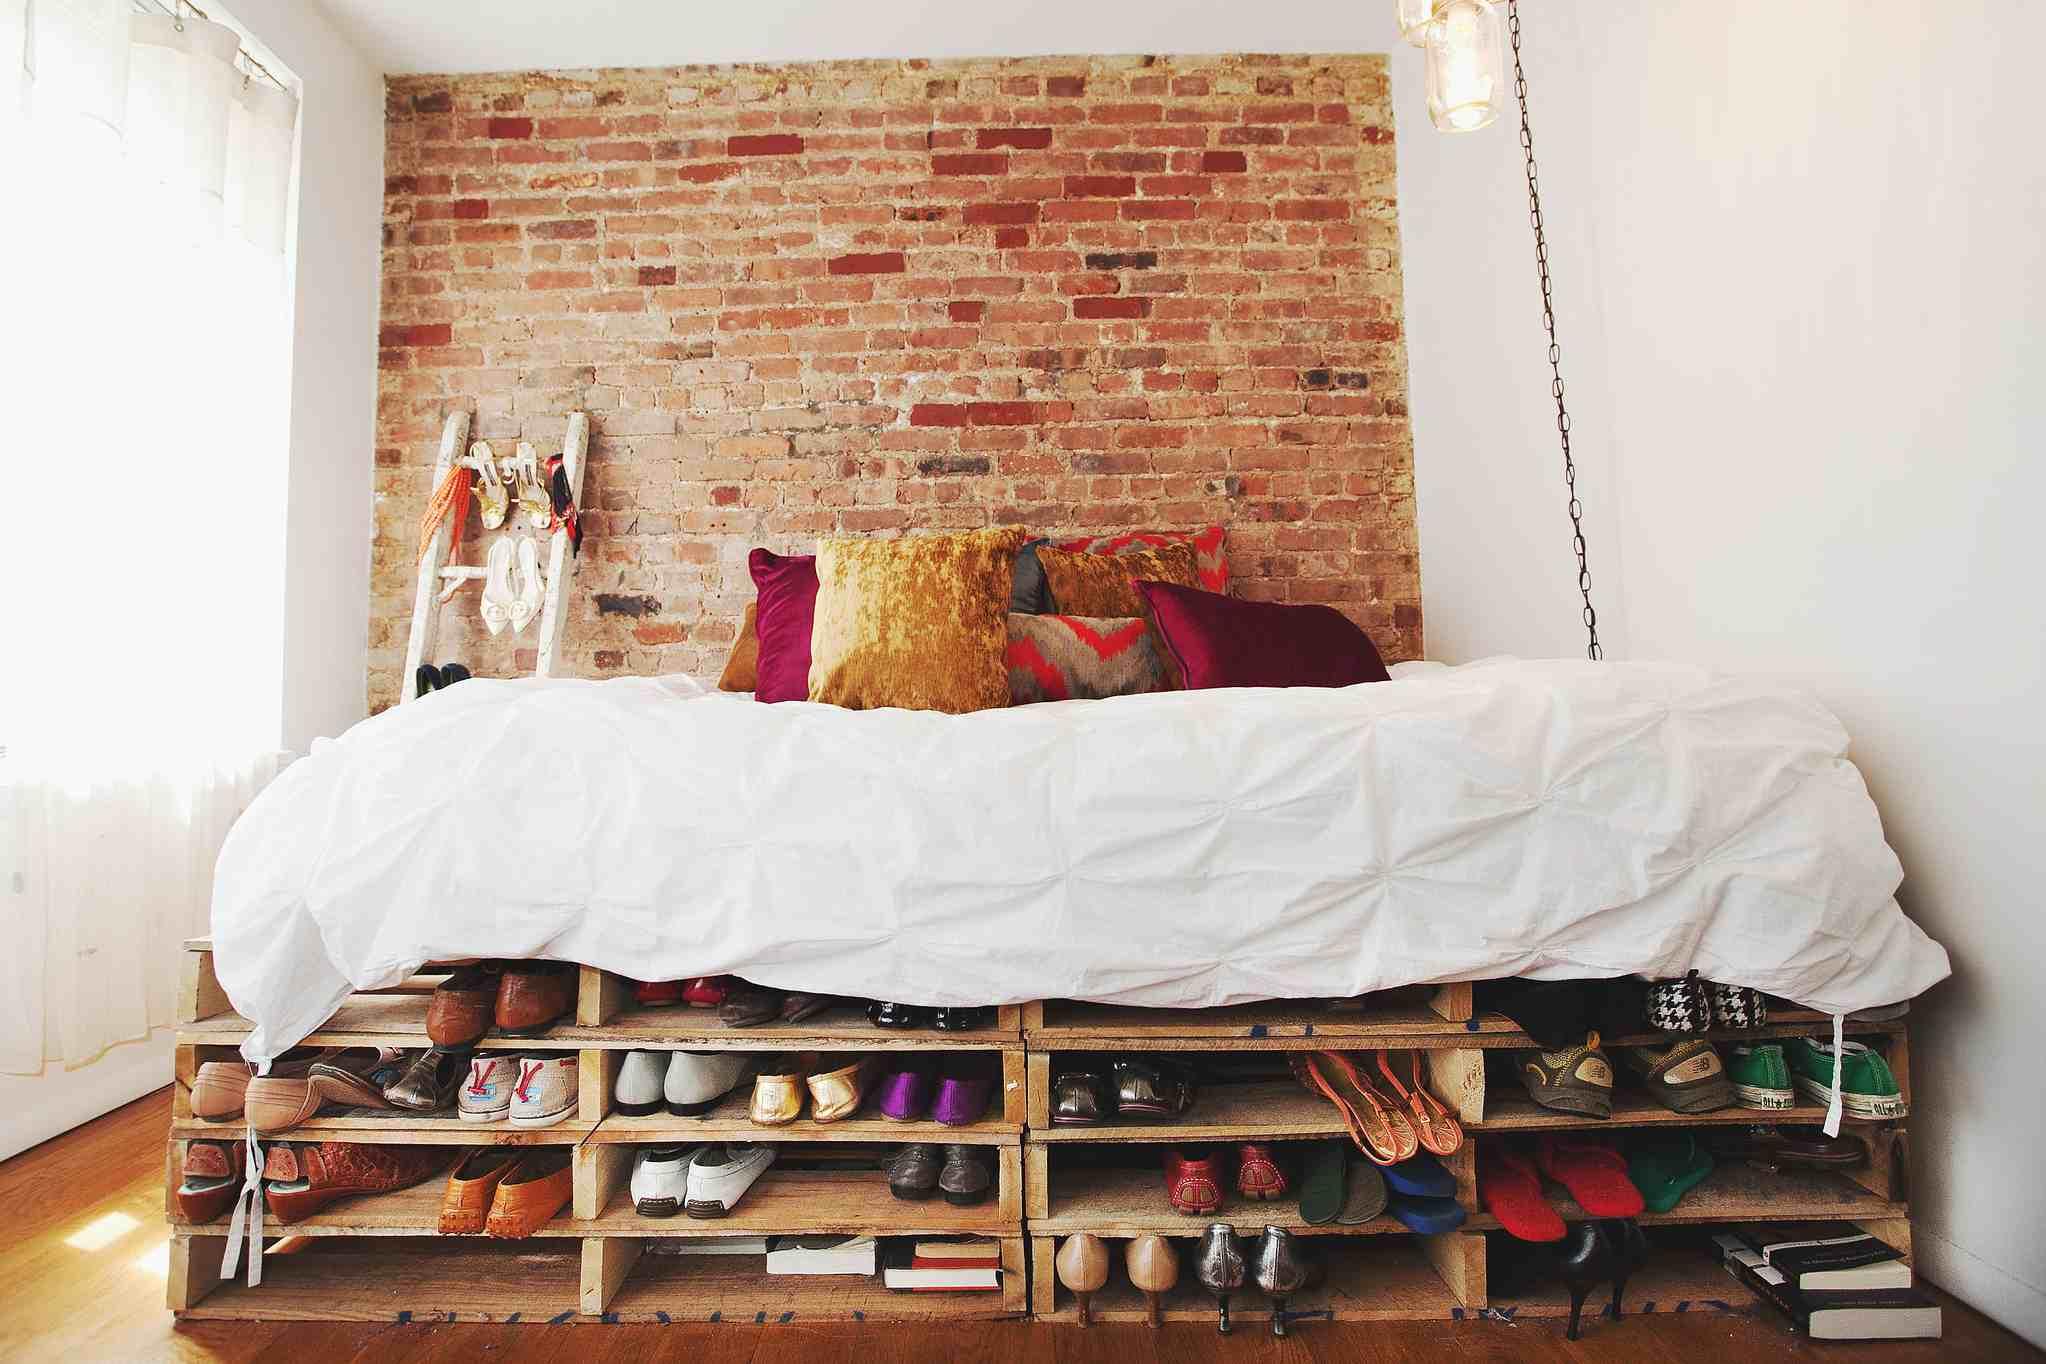 Dormitorio rústico Campy con letrero de motel vintage